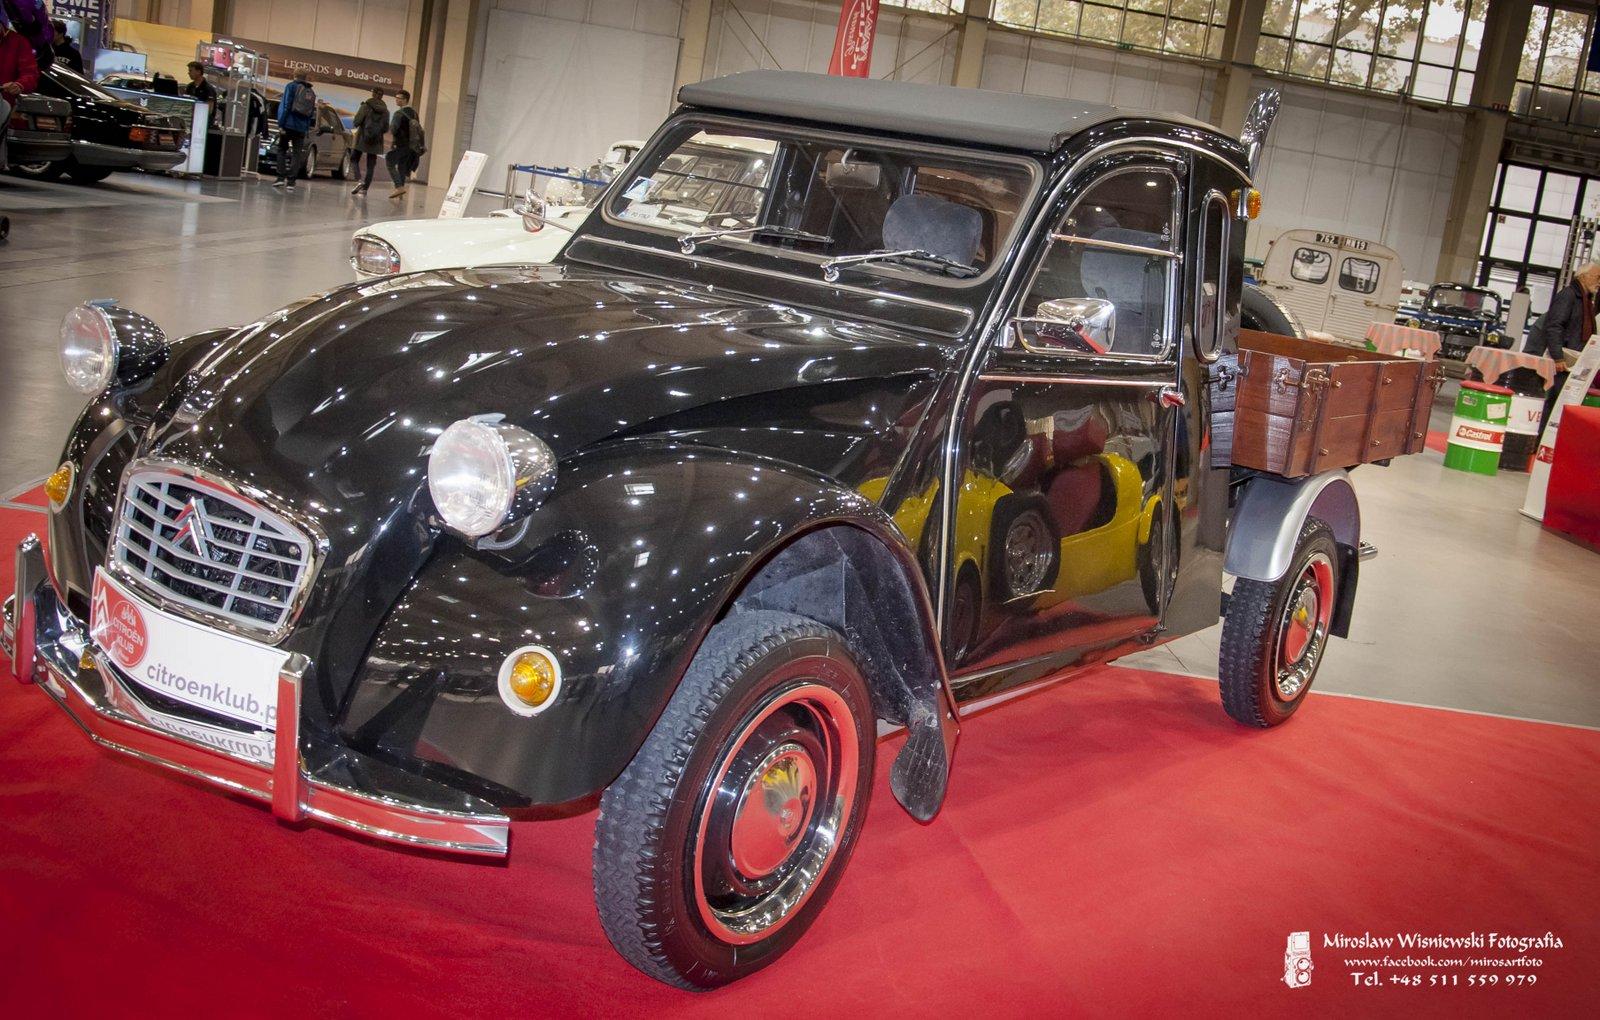 Miroslaw Wisniewski Fotografia , Retro Motor Show 2018